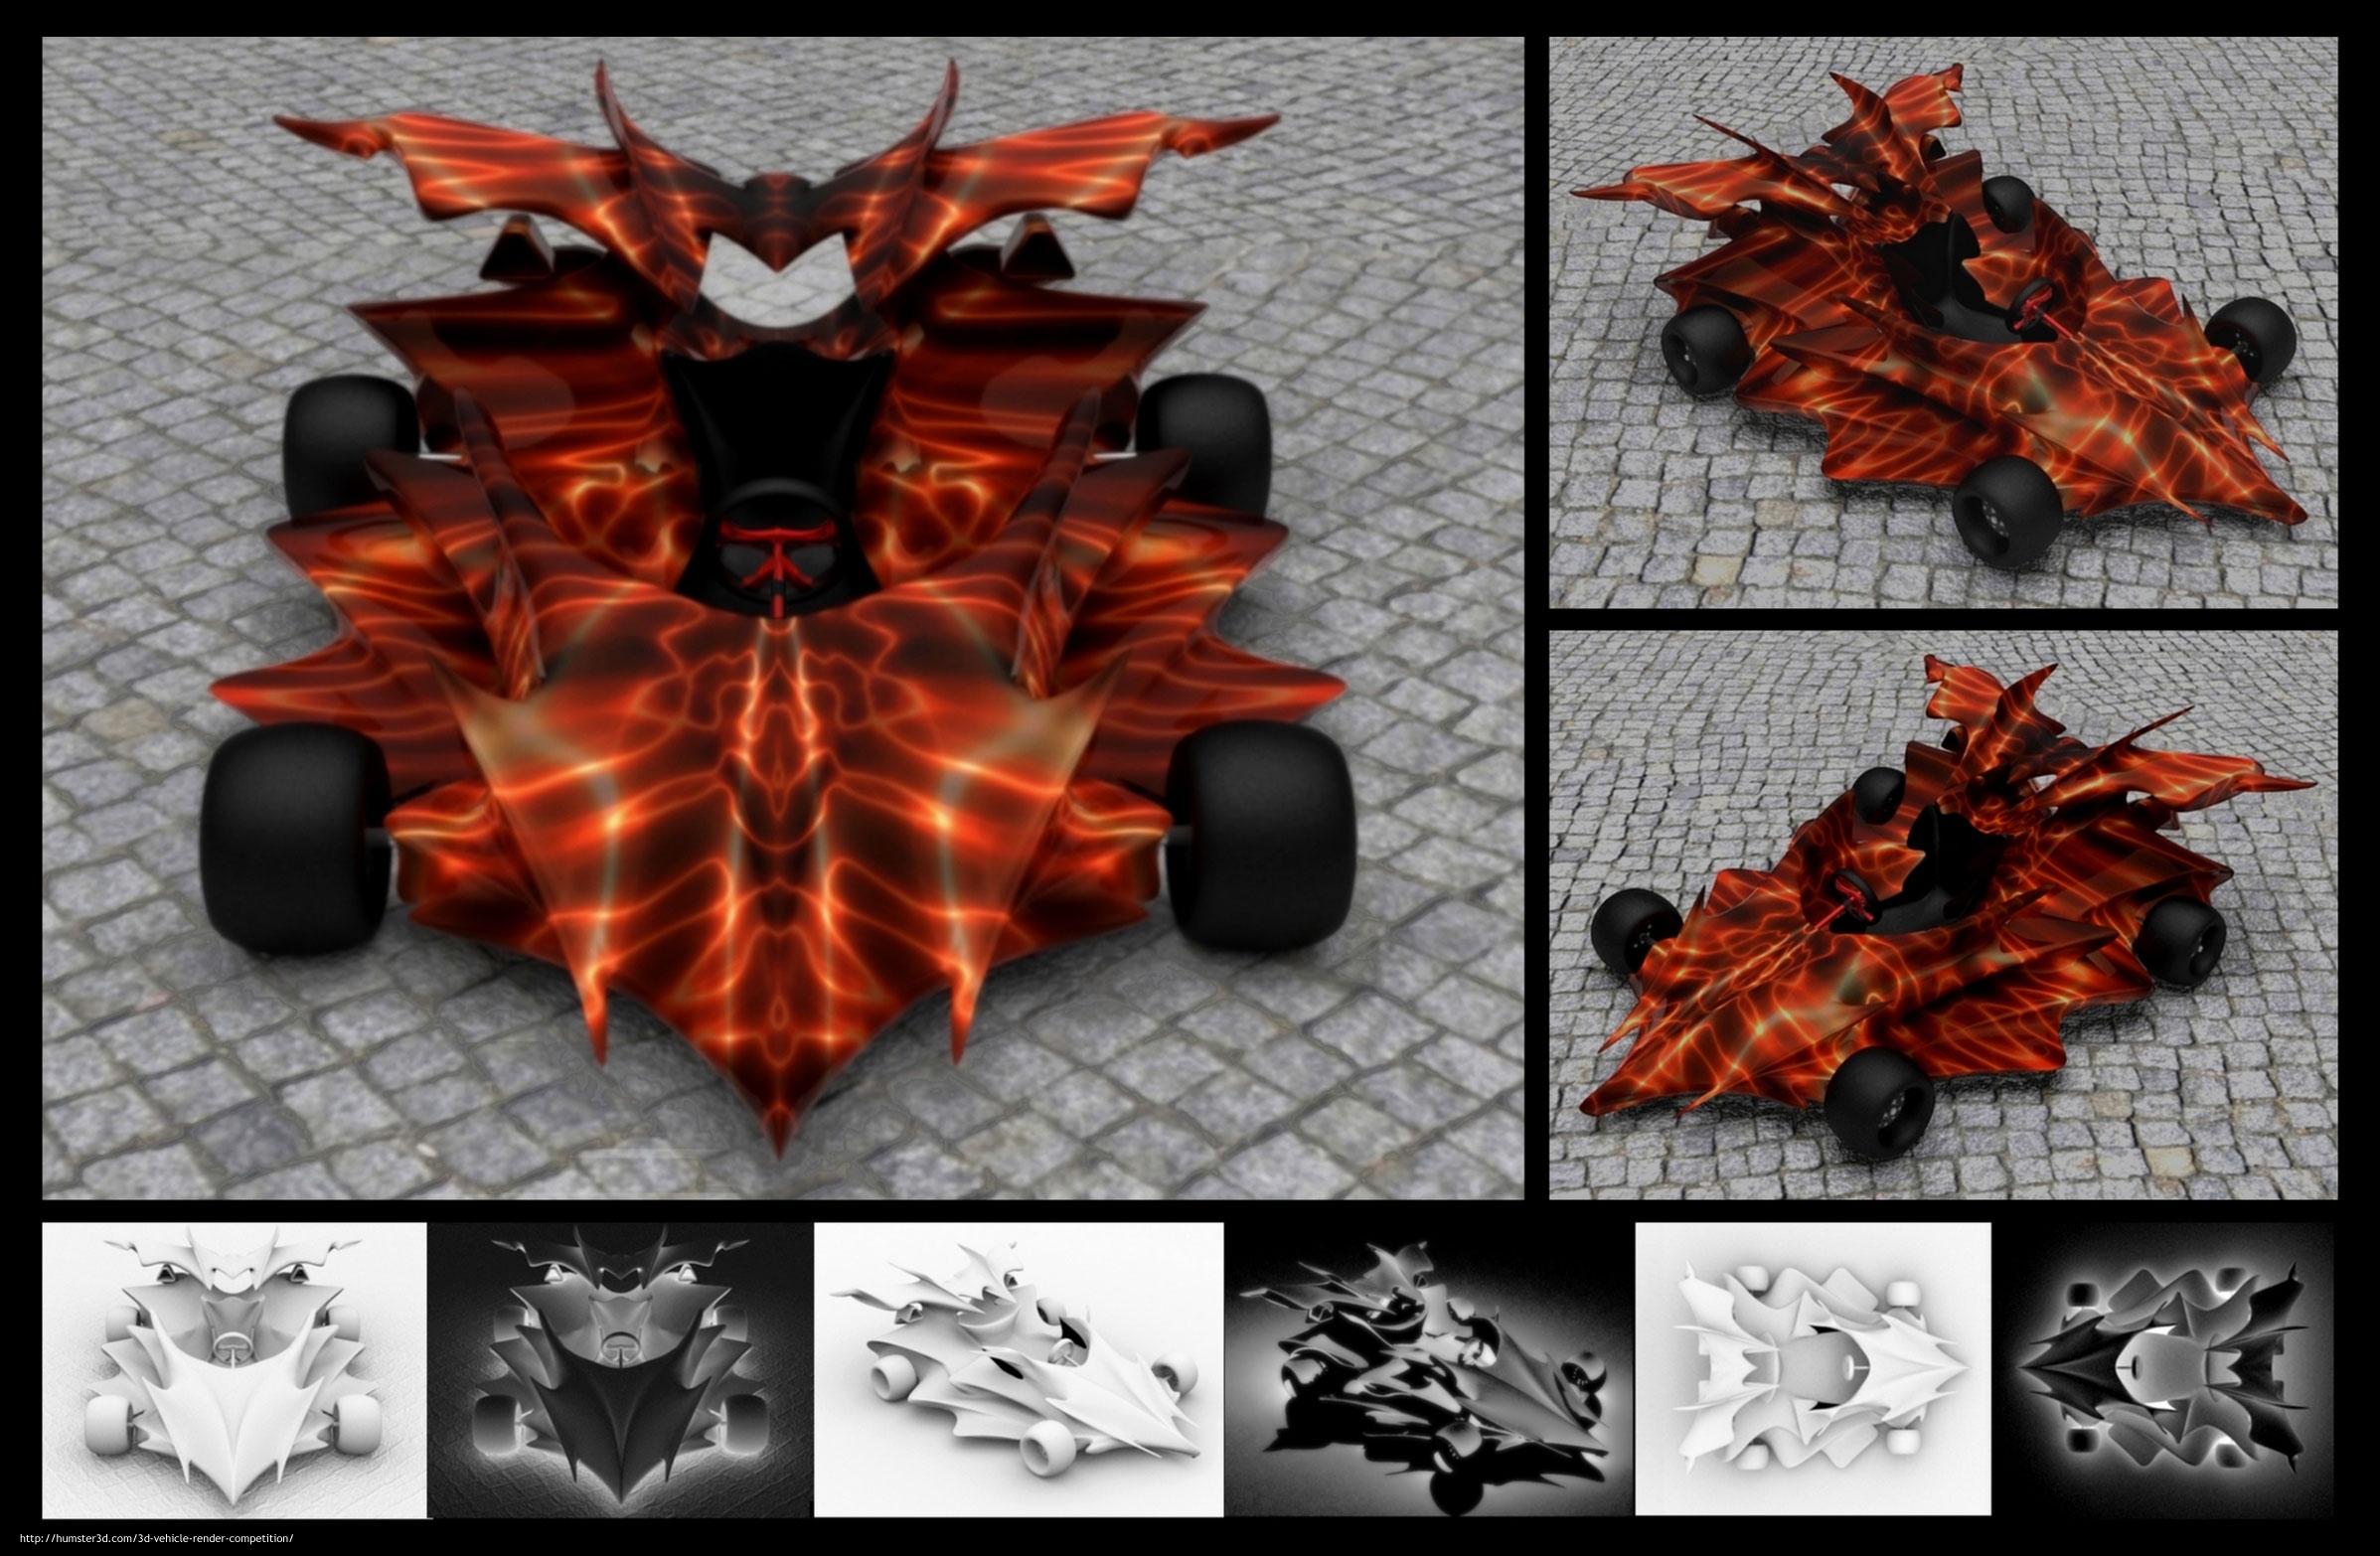 Spacecar 3d art